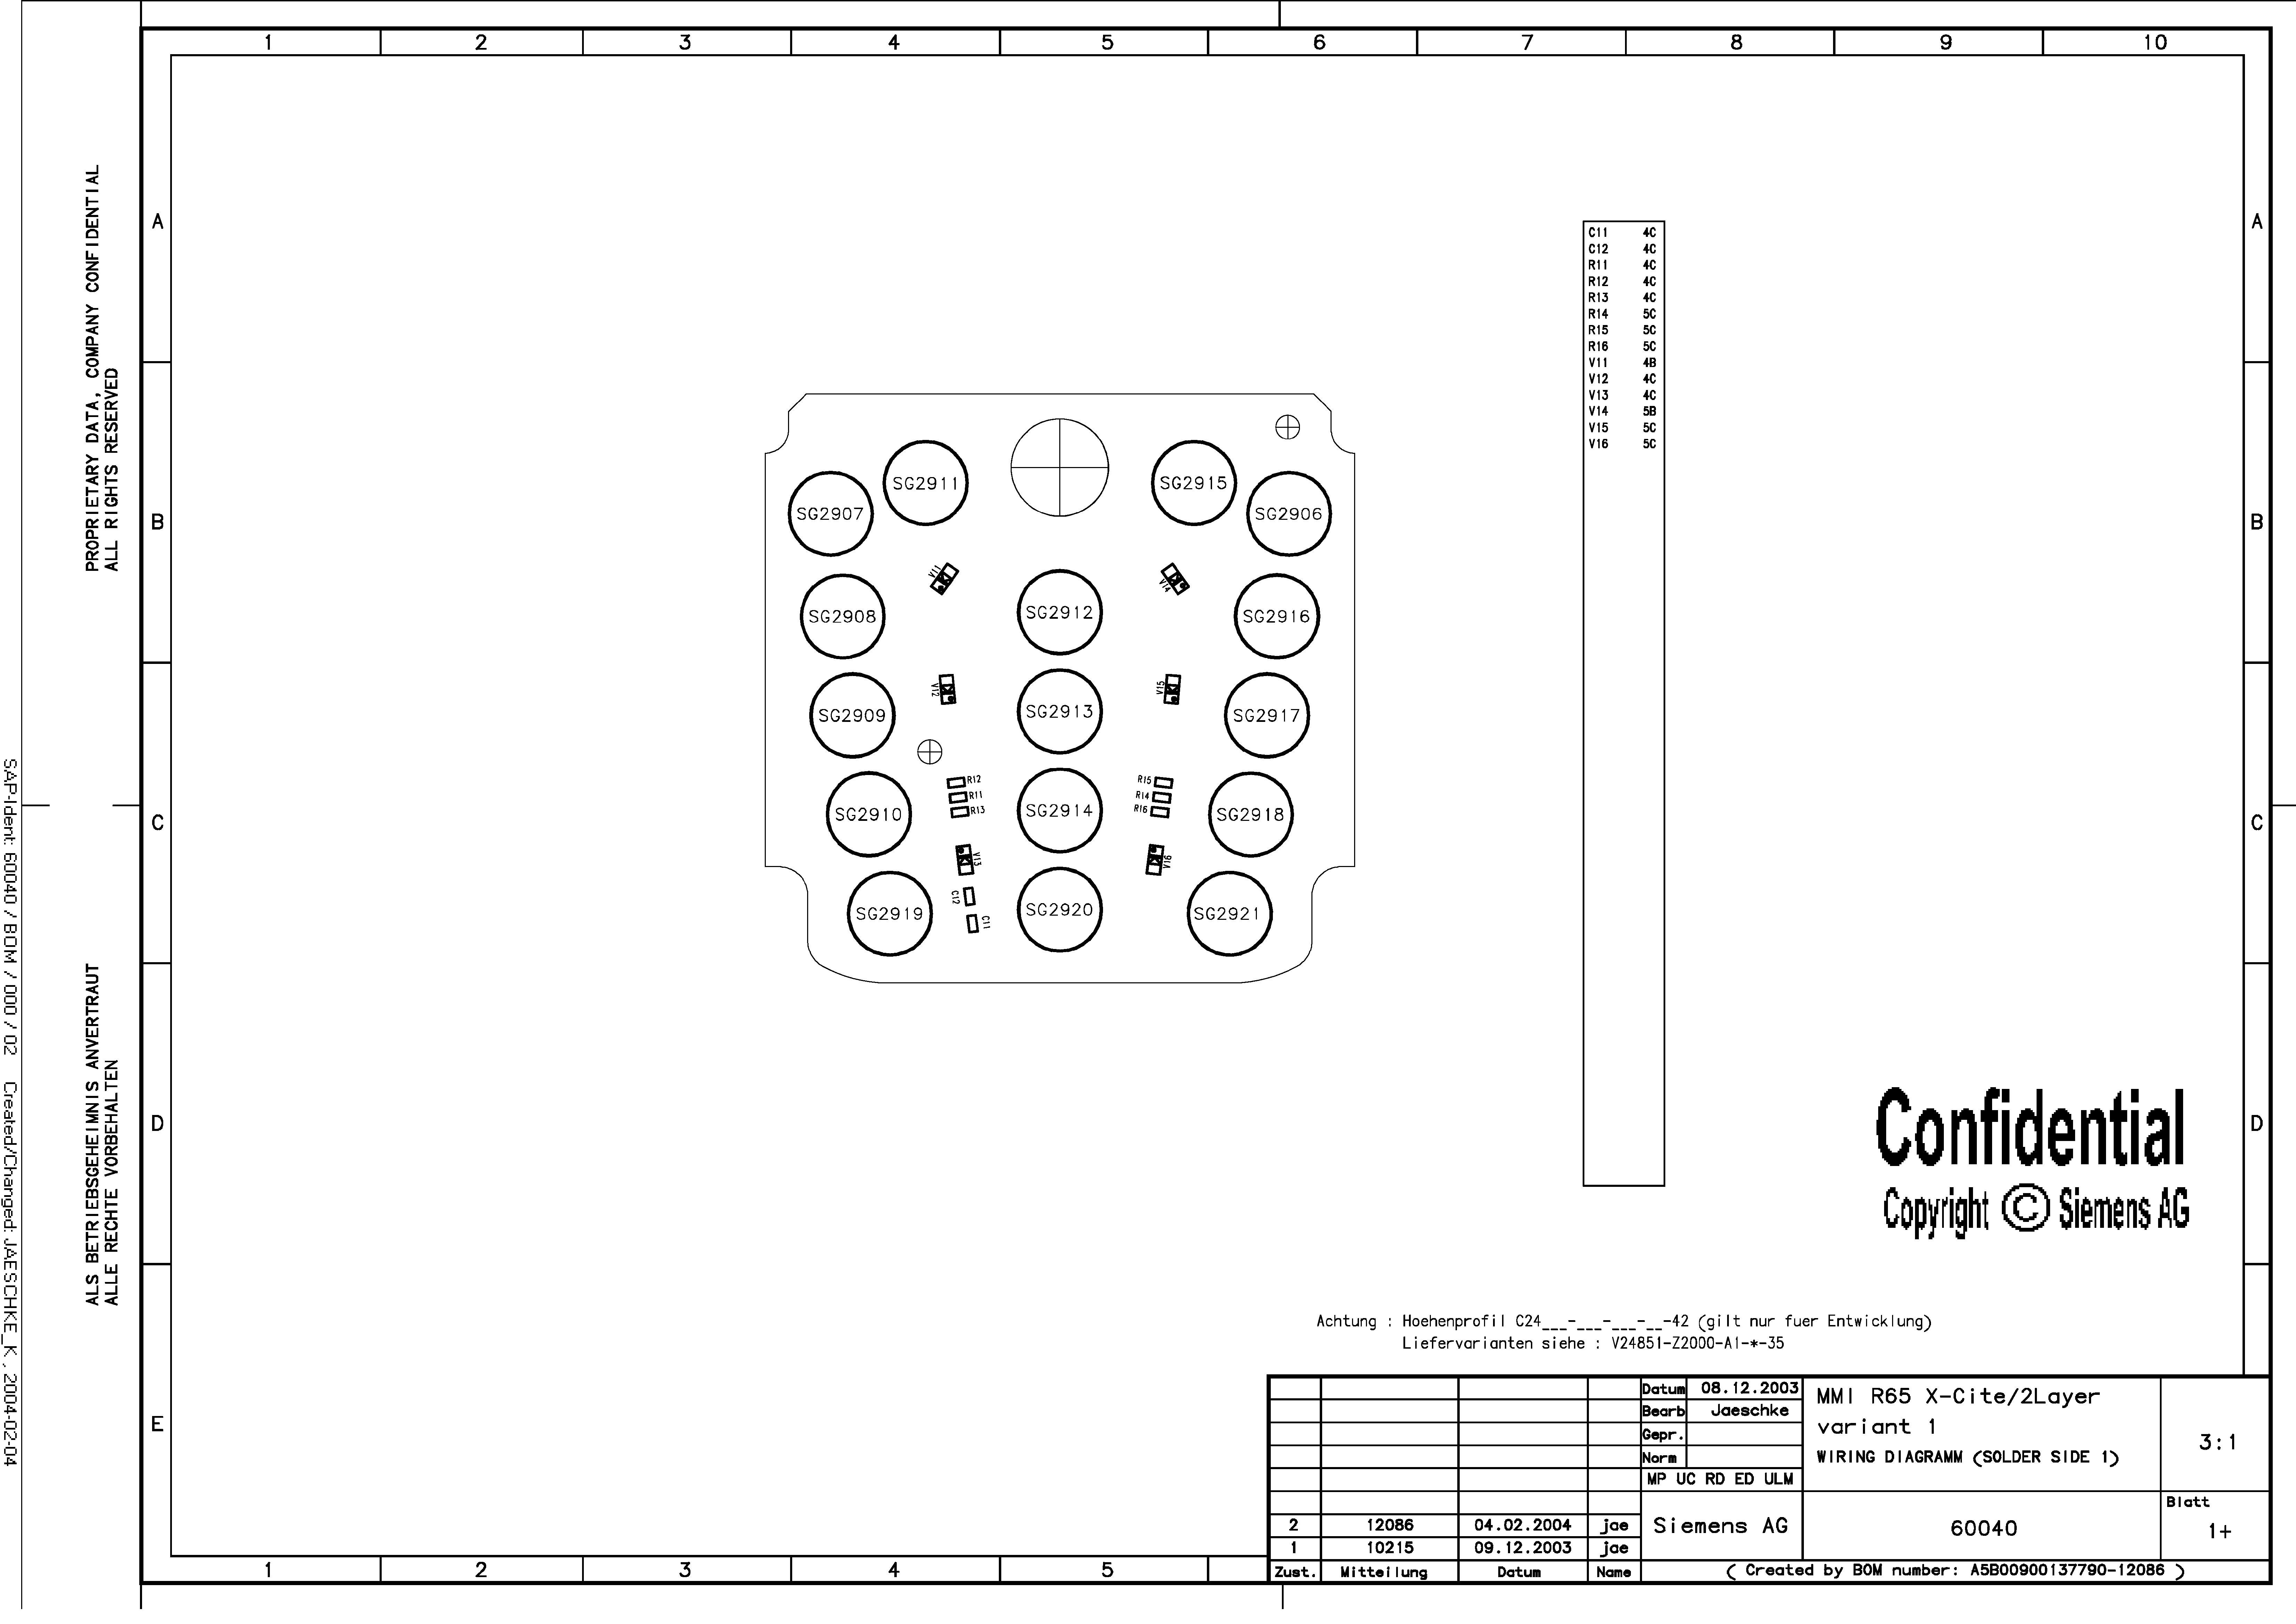 西门子m65电路图设计[_]25